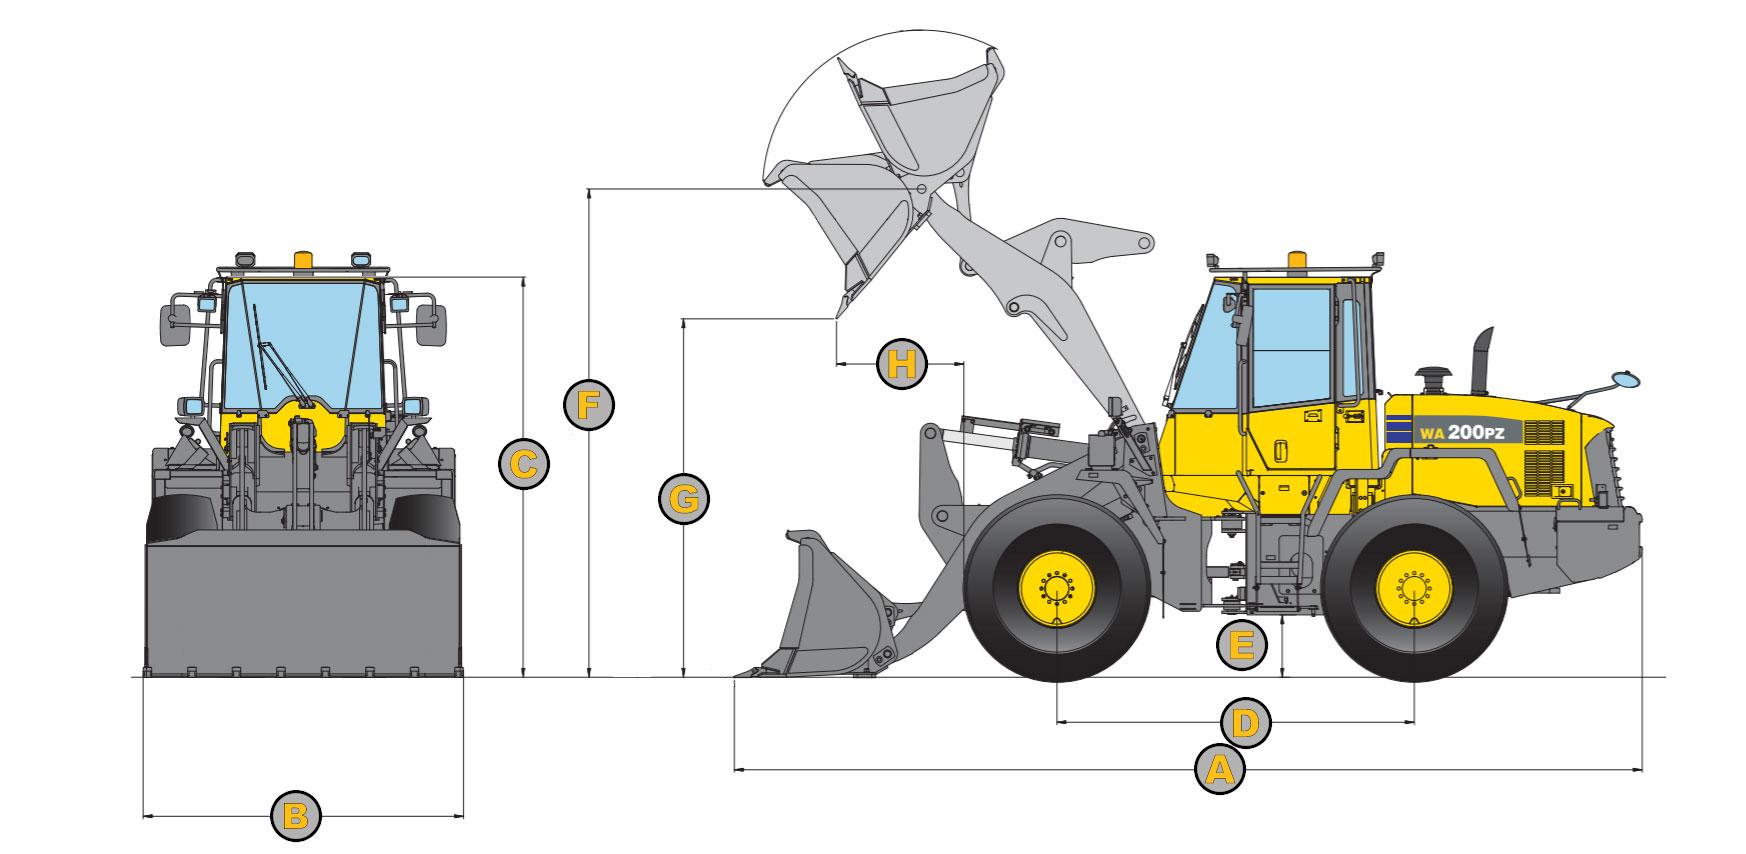 WA200PZ-6-diagram